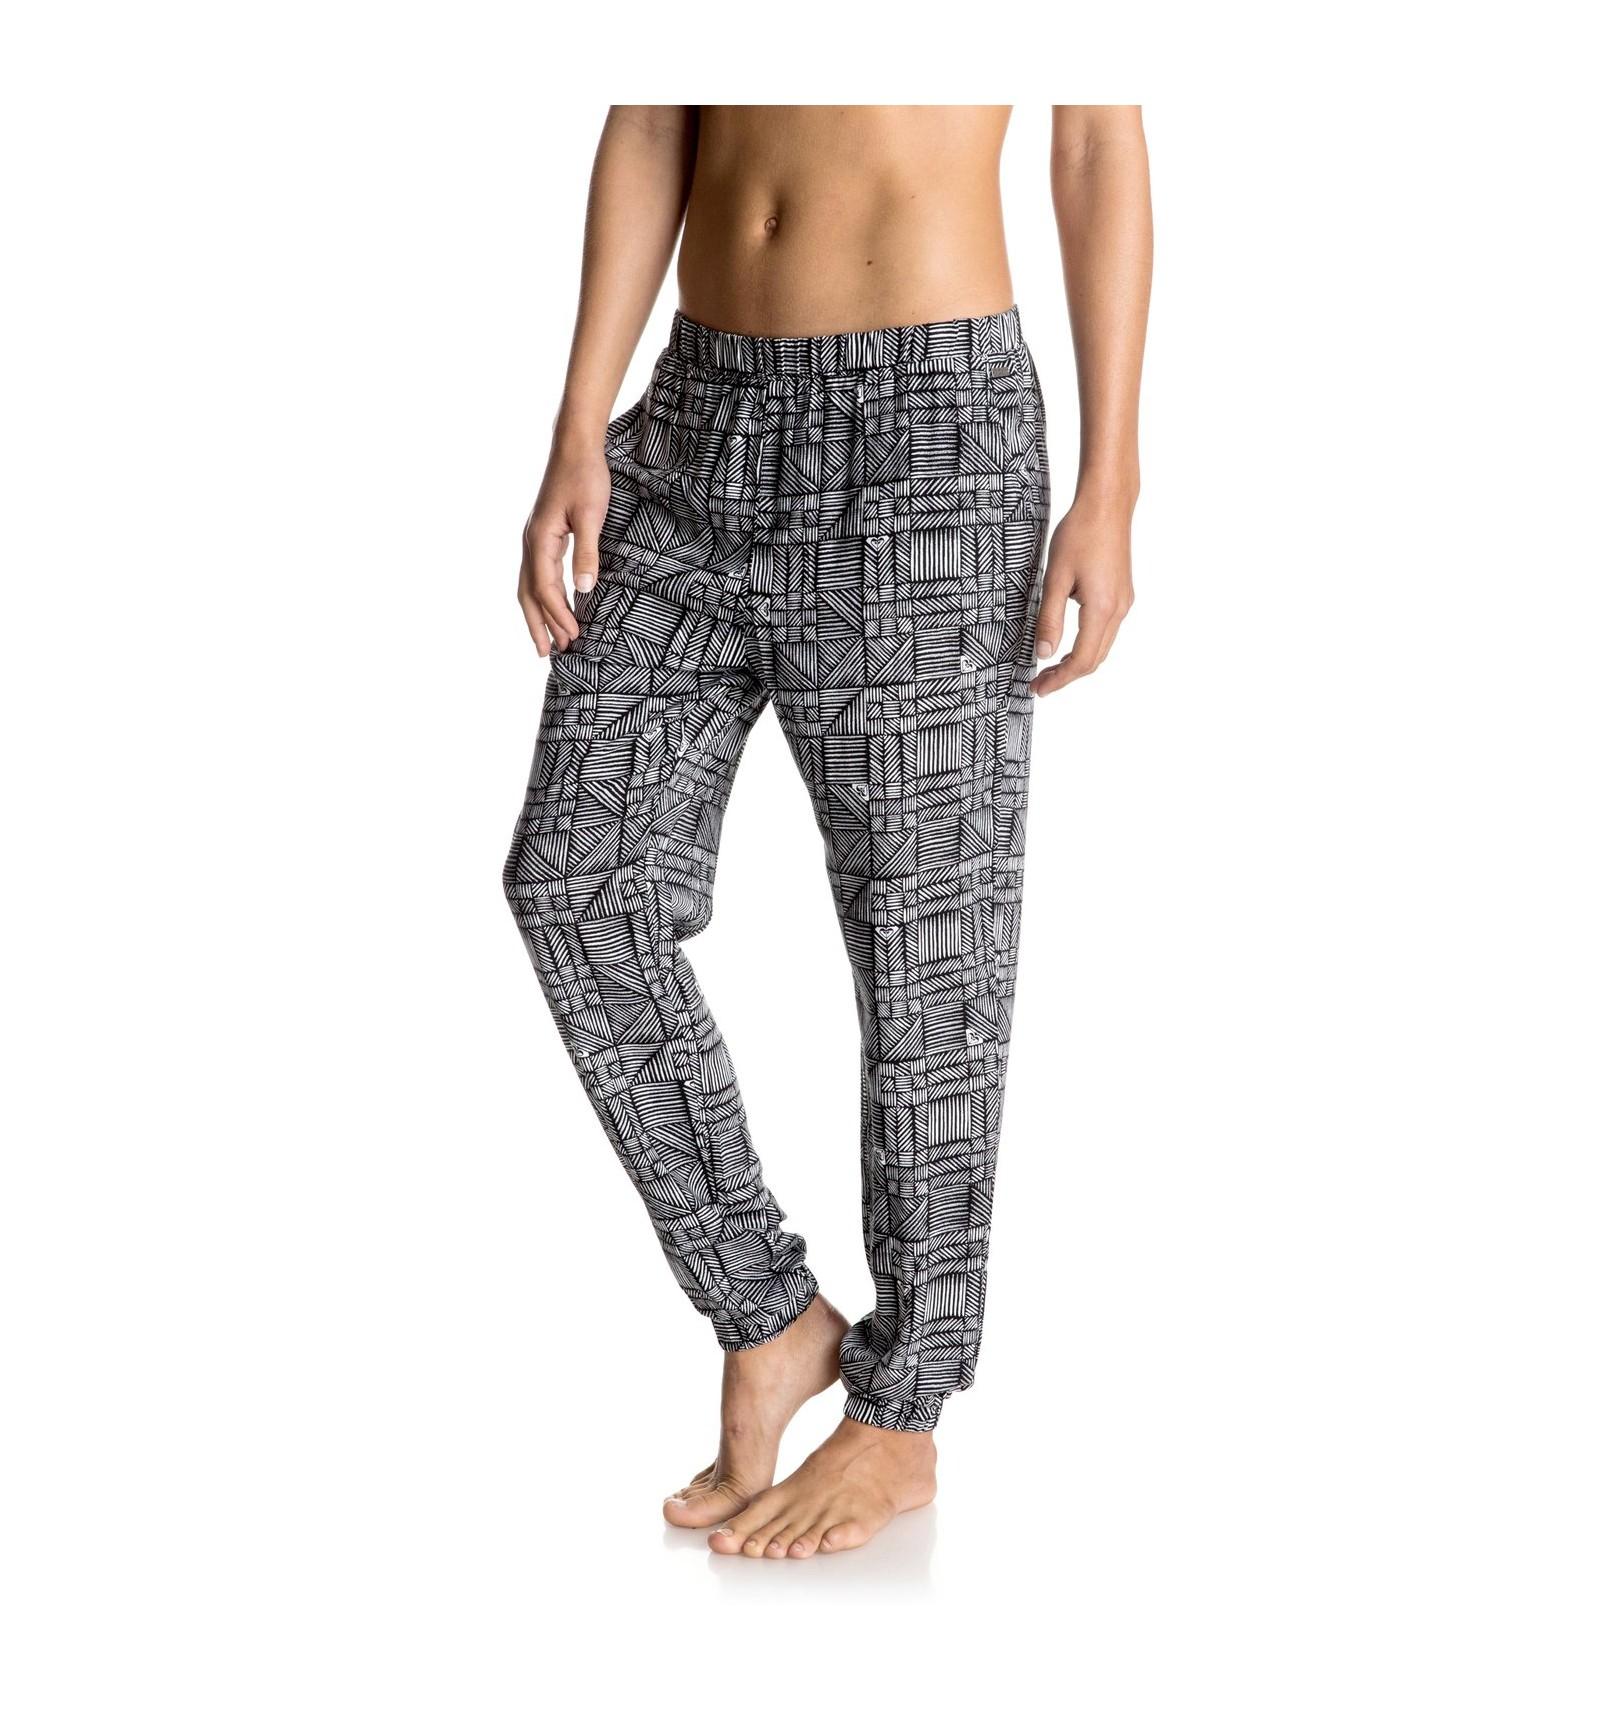 Pantalon Tela Roxy Mujer Vicunasport Tu Tienda De Deportes En Internet